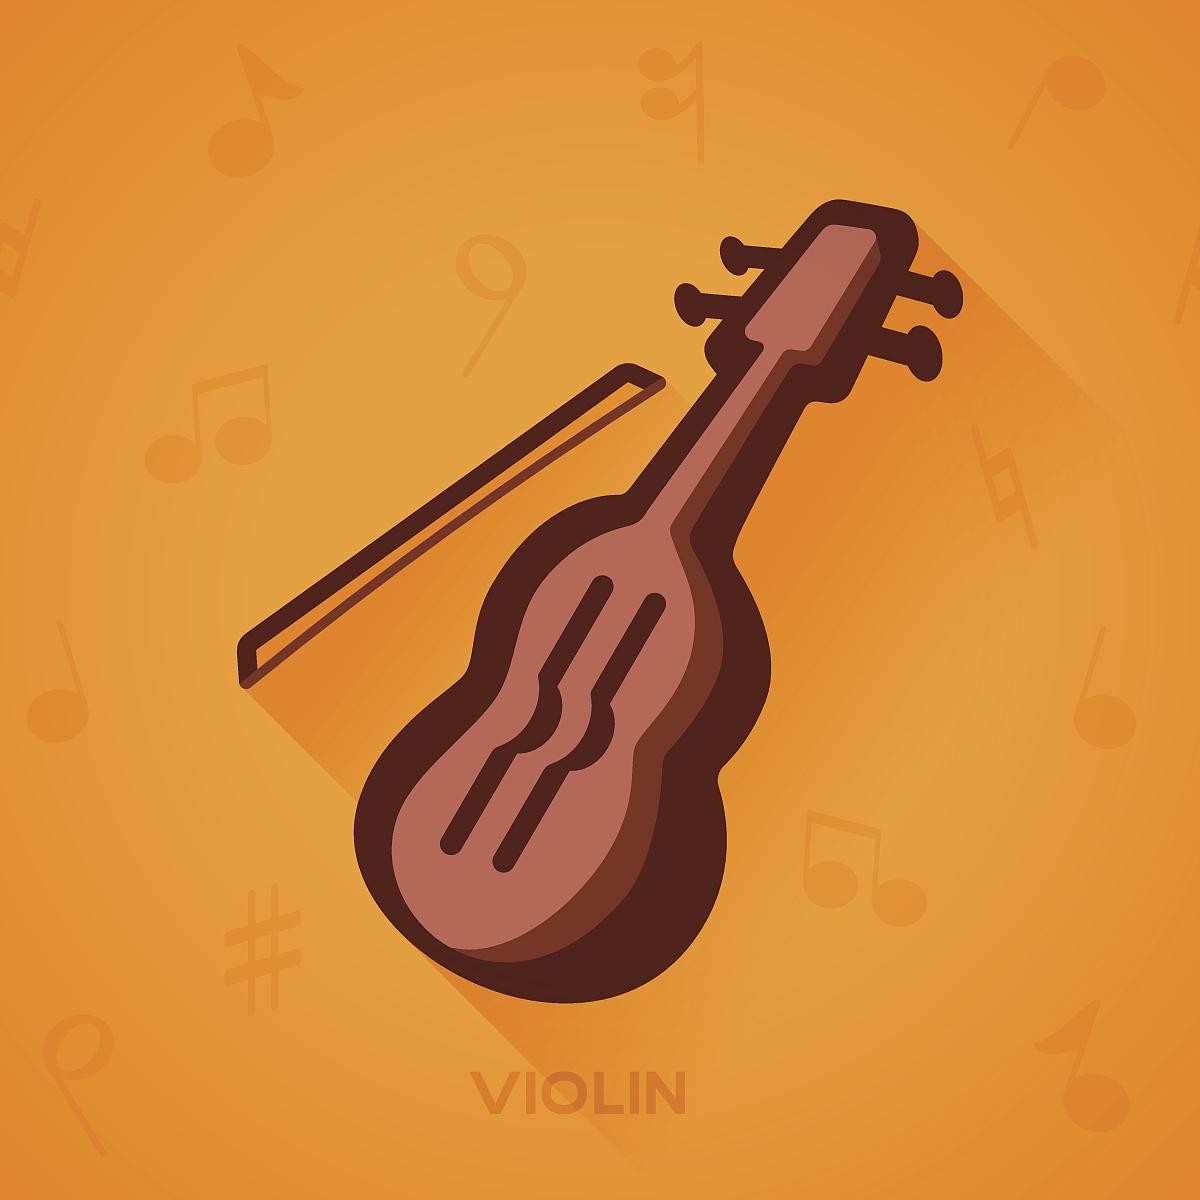 小提琴音乐图片